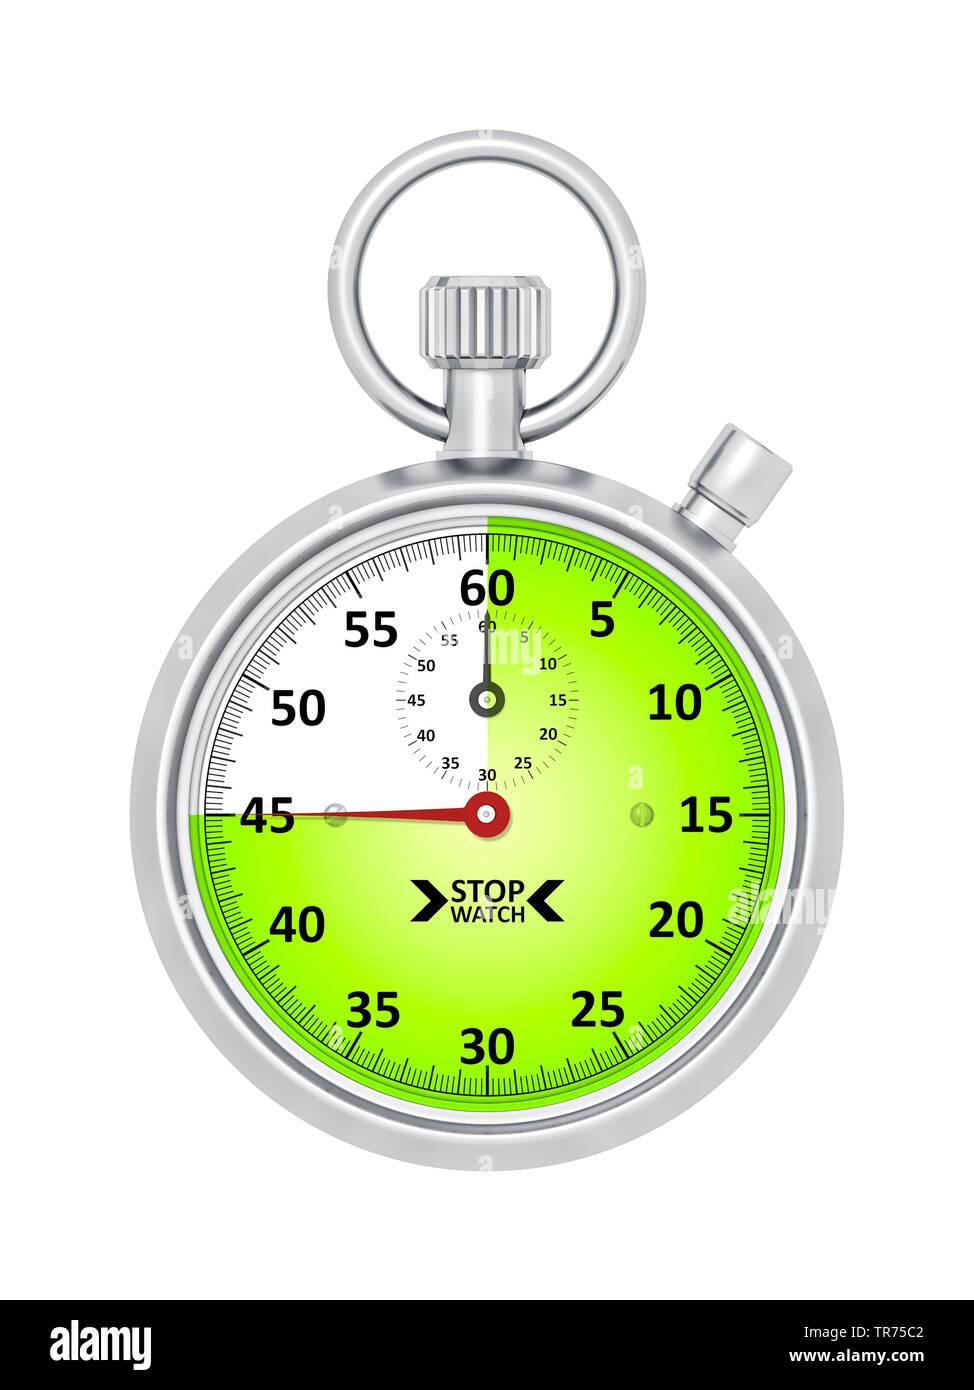 silberne Stoppuhr vor weissem Hintergrund, die etwa 45 Sekunden anzeigt | silver stopclock, cutout, 45 seconds  | BLWS498281.jpg [ (c) blickwinkel/McP - Stock Image